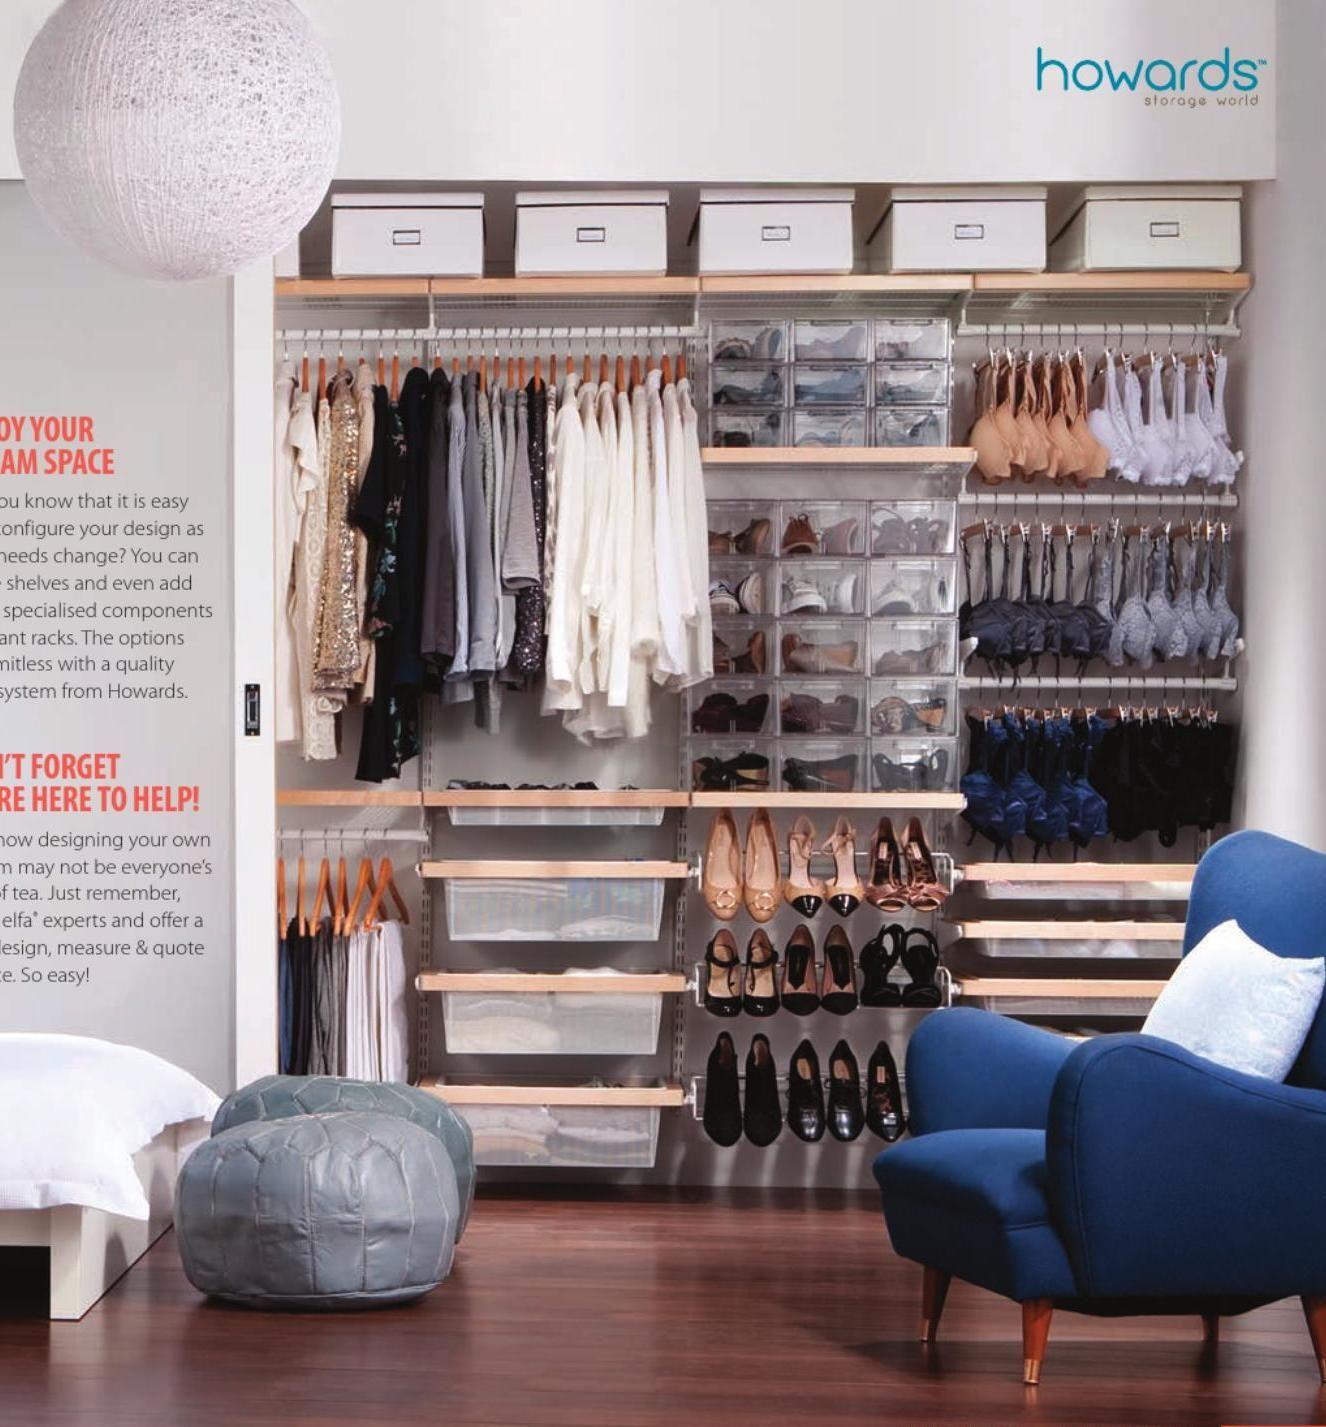 Howards storage world 2013 catalogue singapore - Howards storage ...